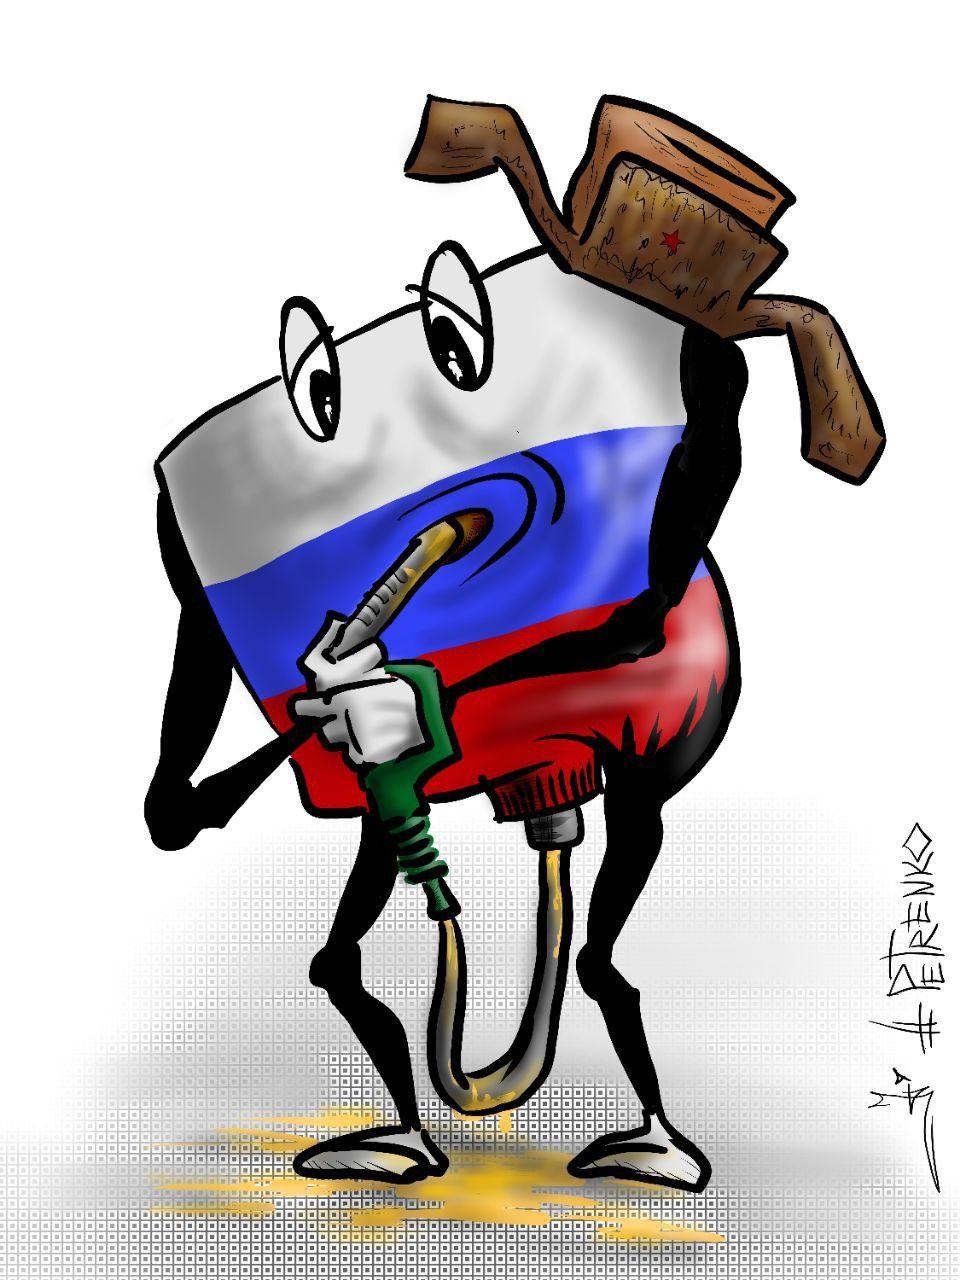 У нас нет оптимизма насчет того, что Россия готова что-то обсуждать, - Волкер о переговорах с РФ - Цензор.НЕТ 2530